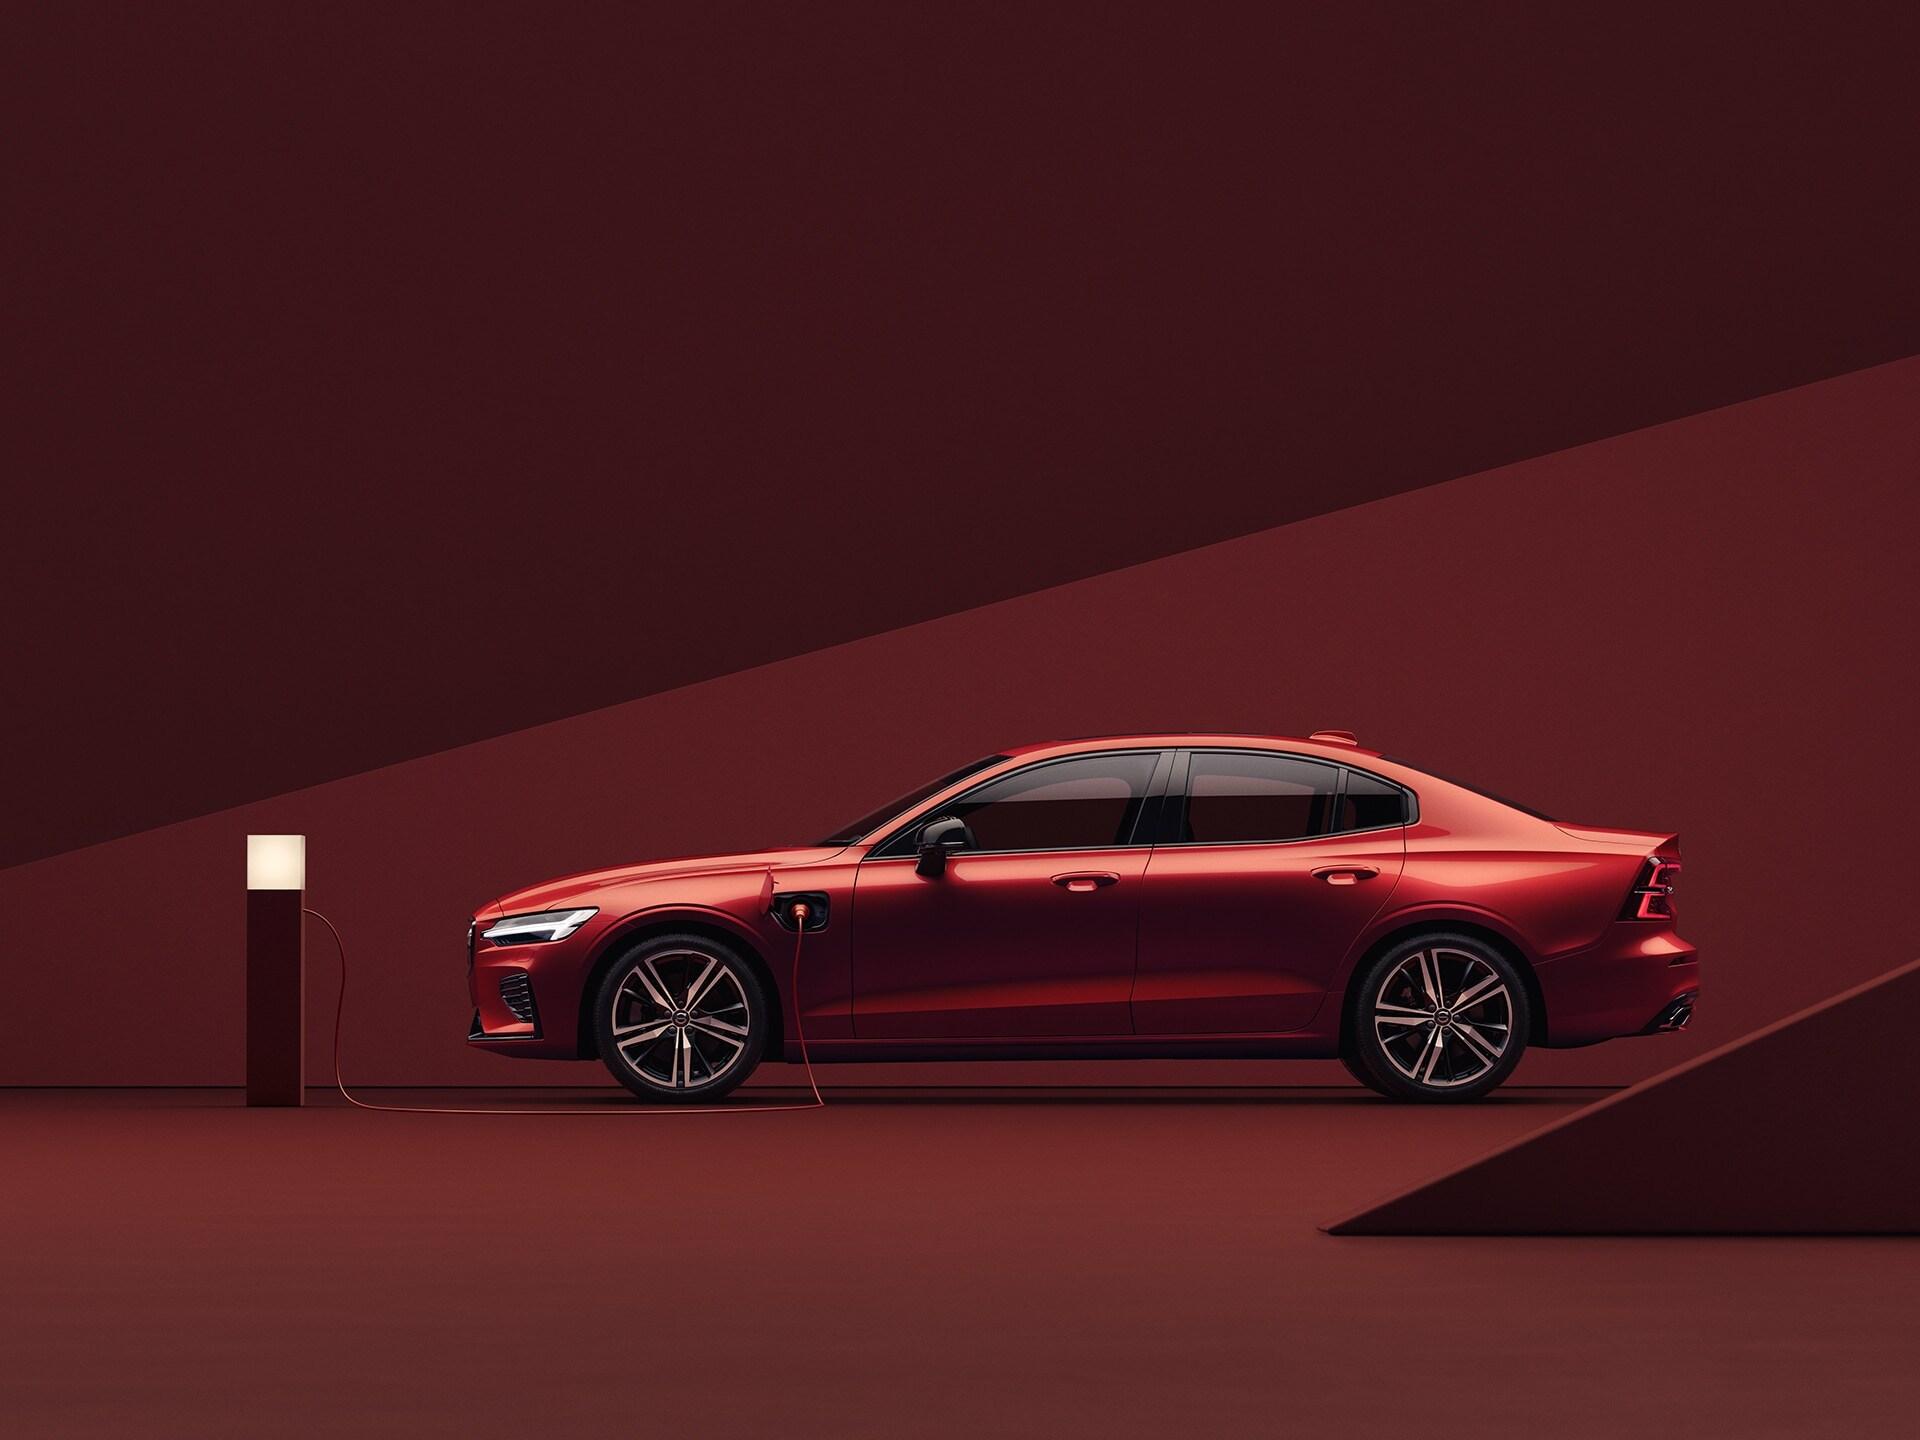 Červené Volvo S60 Recharge při nabíjení v červeném prostředí.